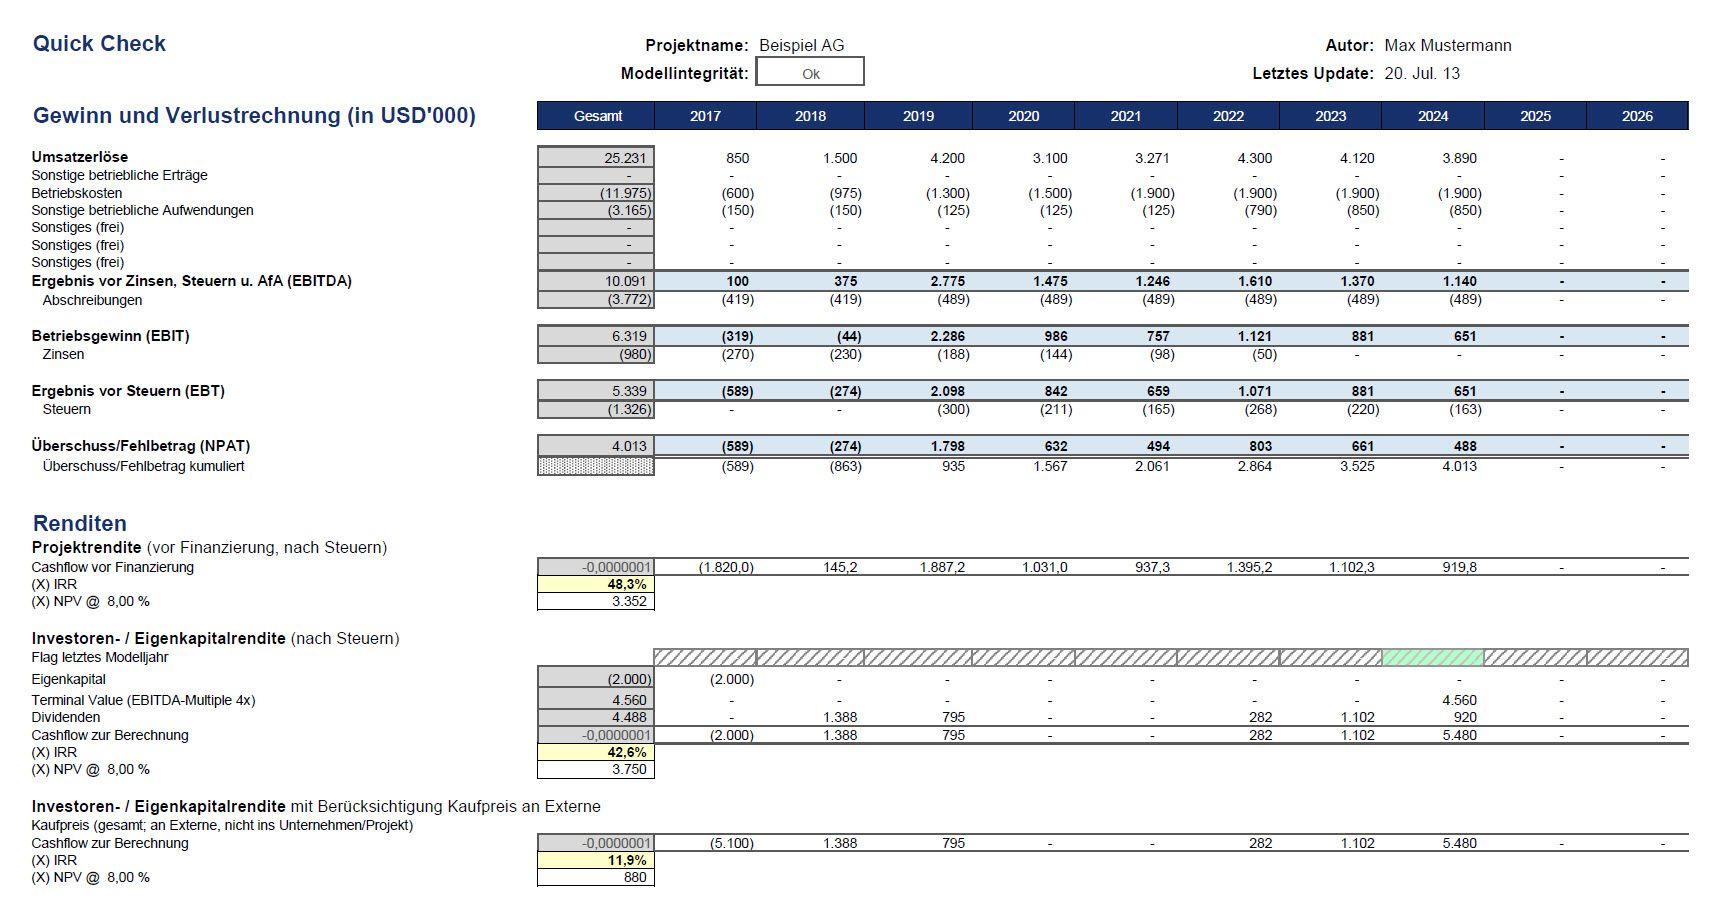 Quick Check Unternehmenskauf oder Investition in Projekt